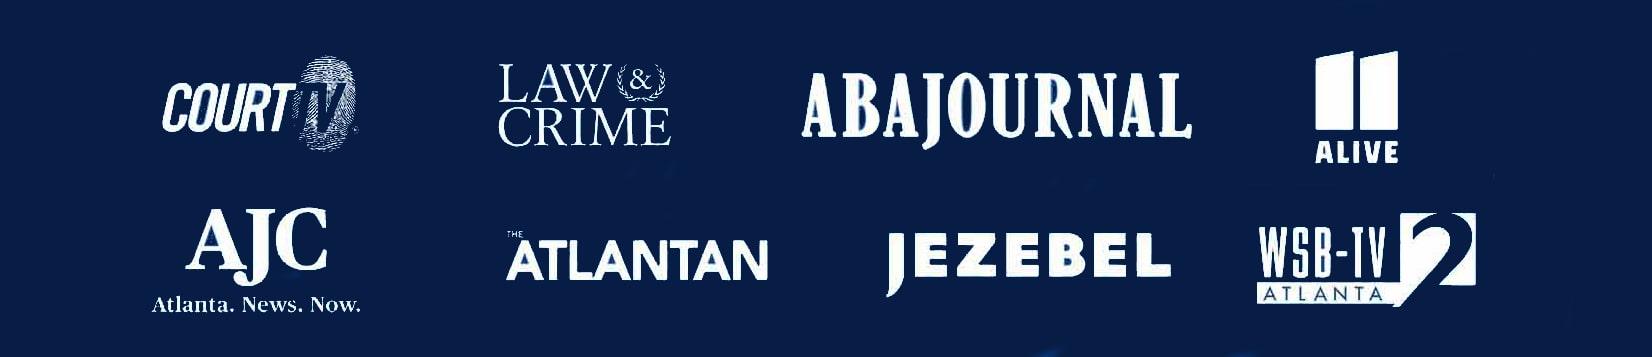 media tv logos1 min